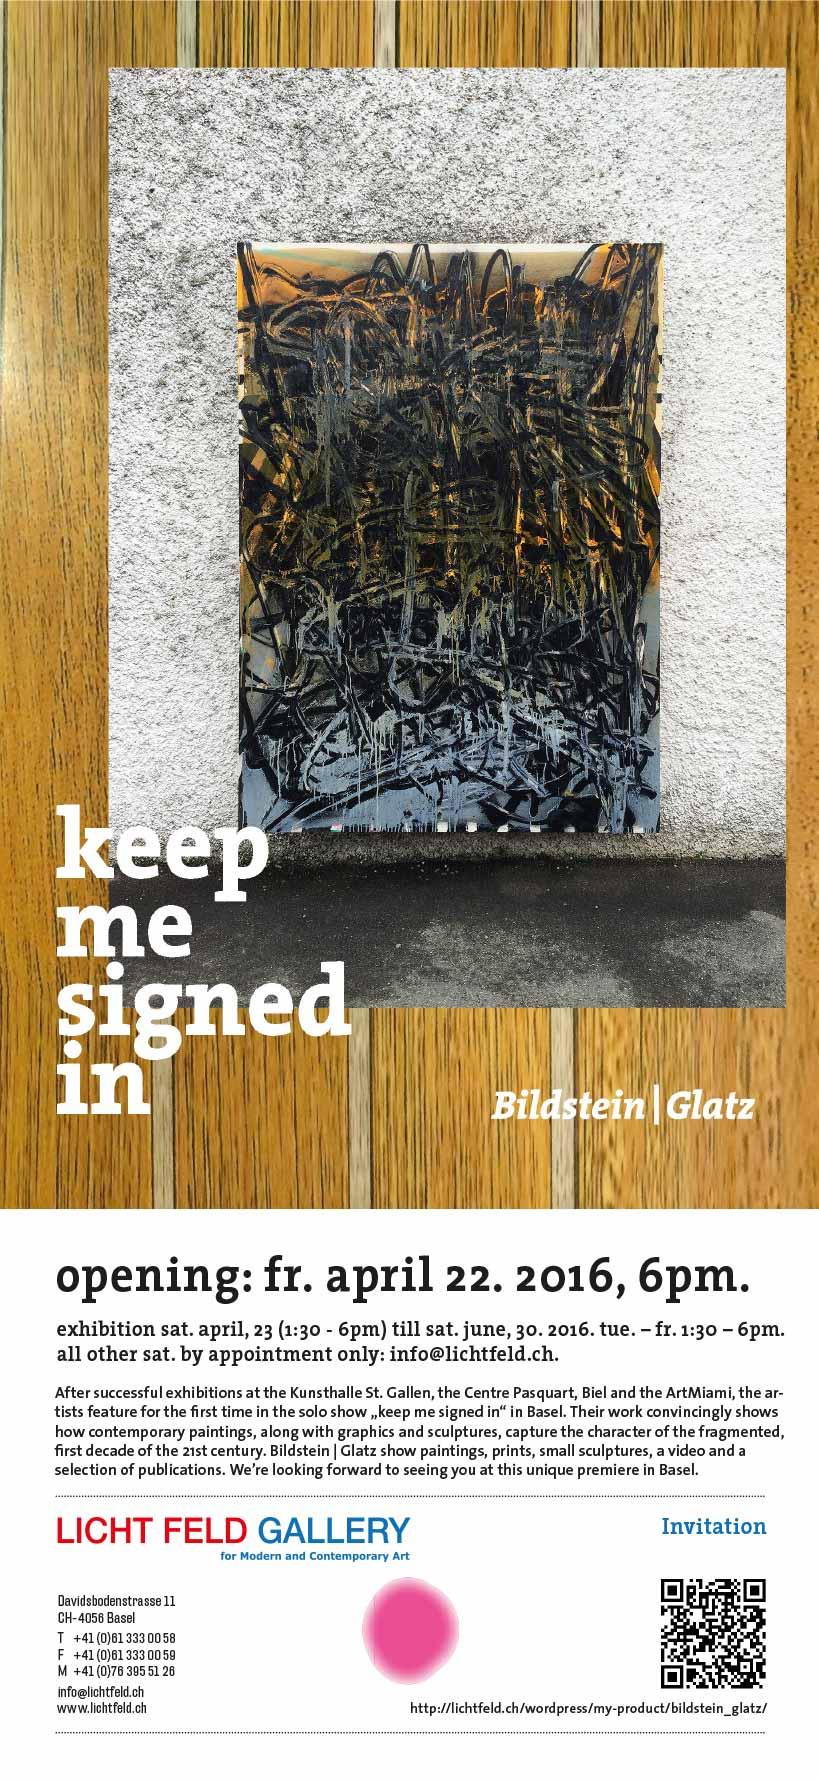 Exhibition Bildstein | Glatz @ LICHT FELD Gallery April 22, 2016